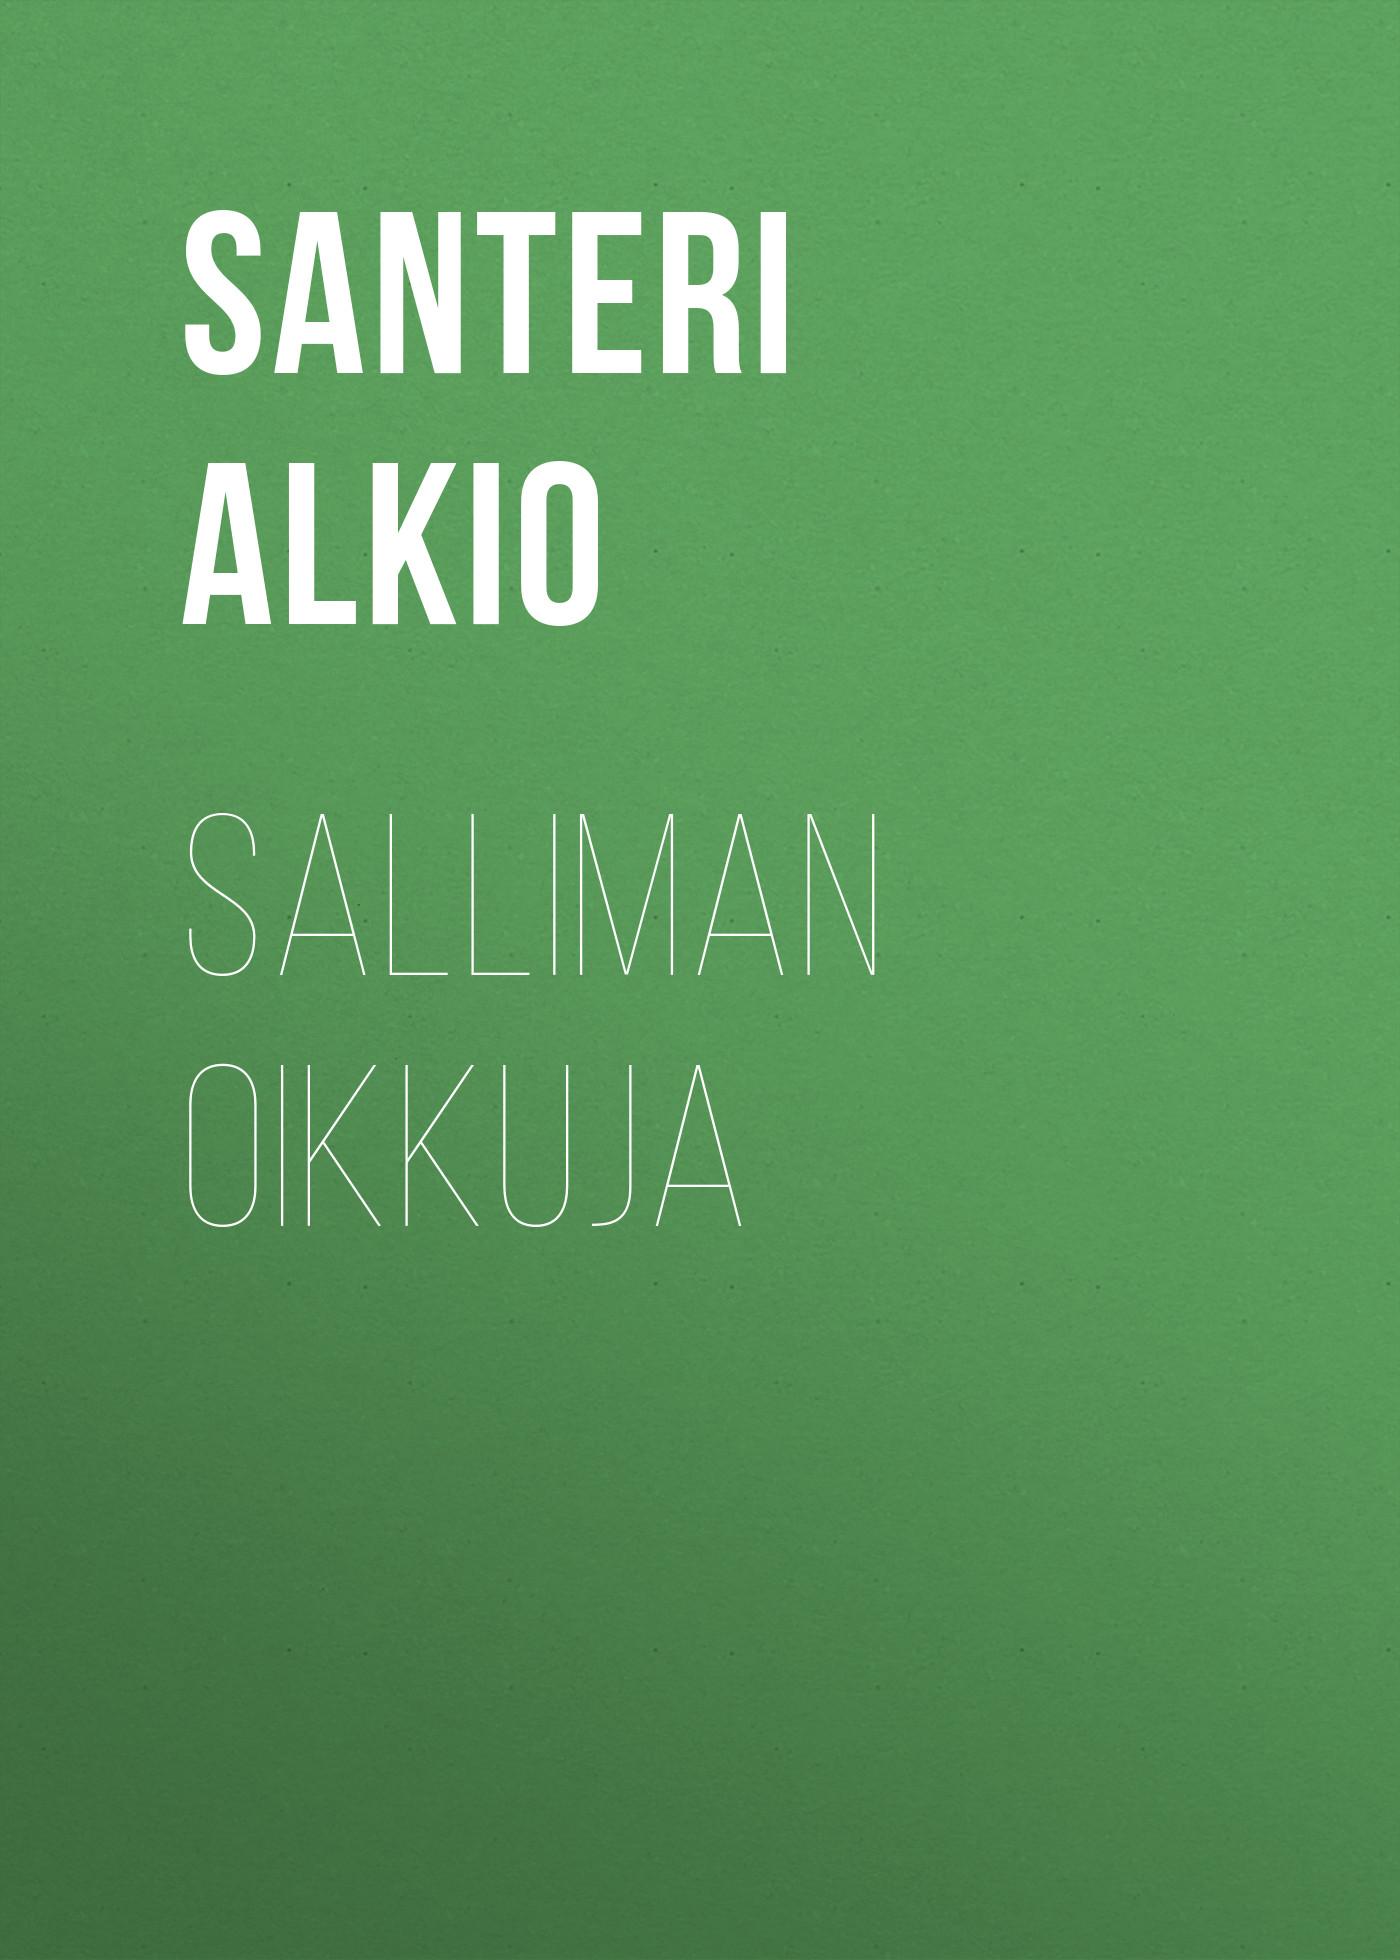 Alkio Santeri Salliman oikkuja